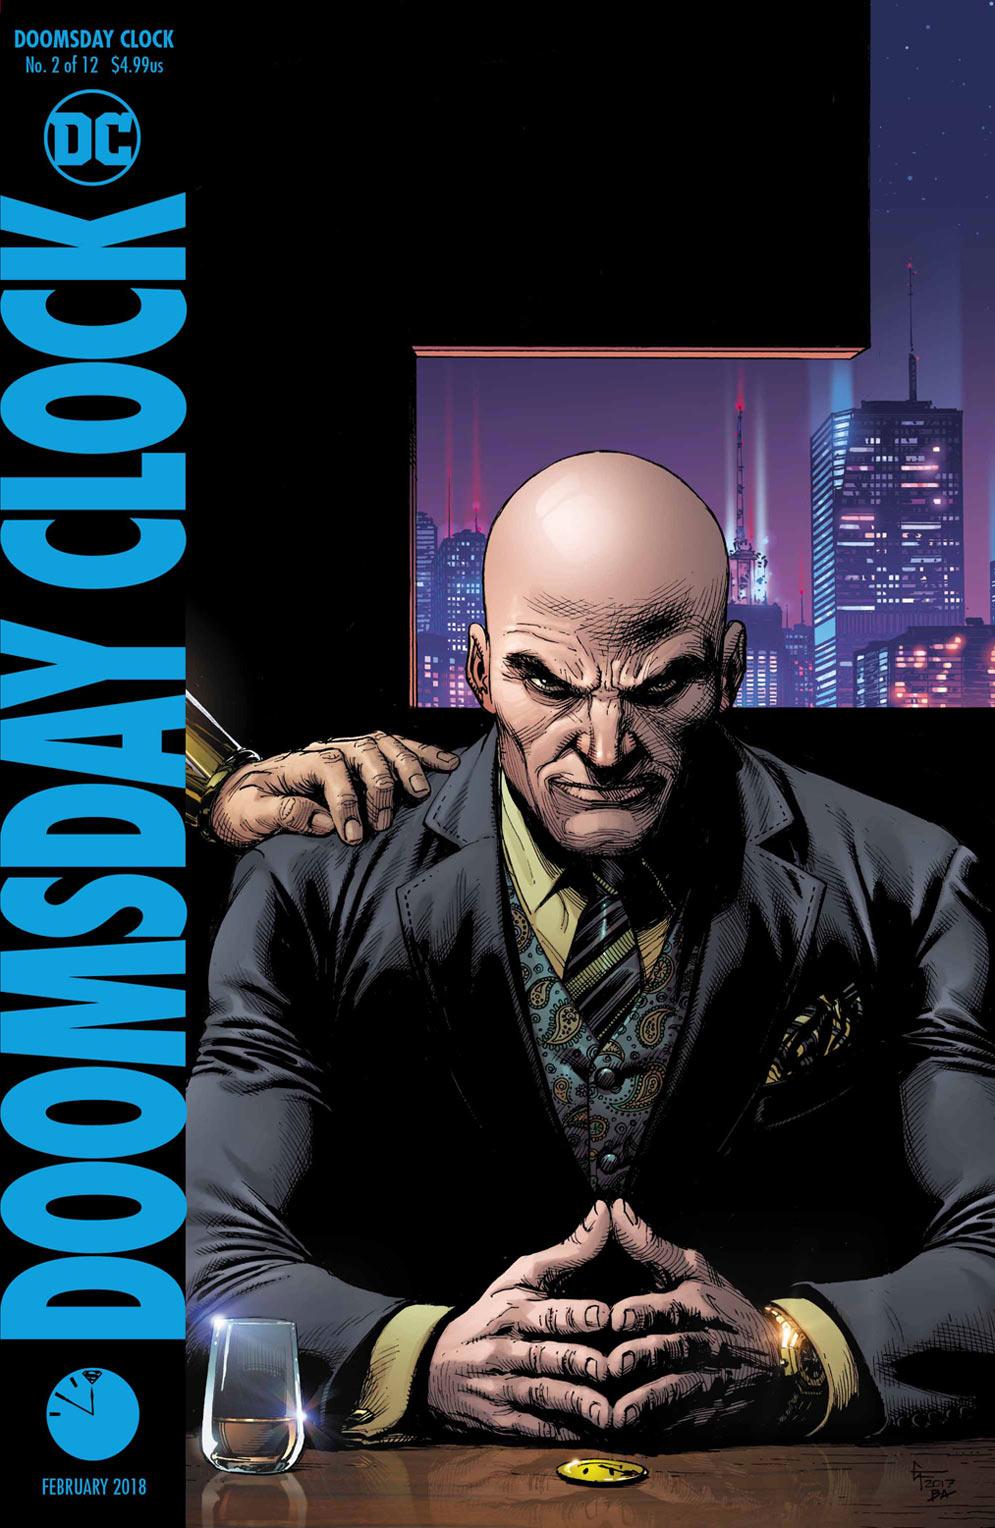 Doomsday Clock #2 - DC Comics News